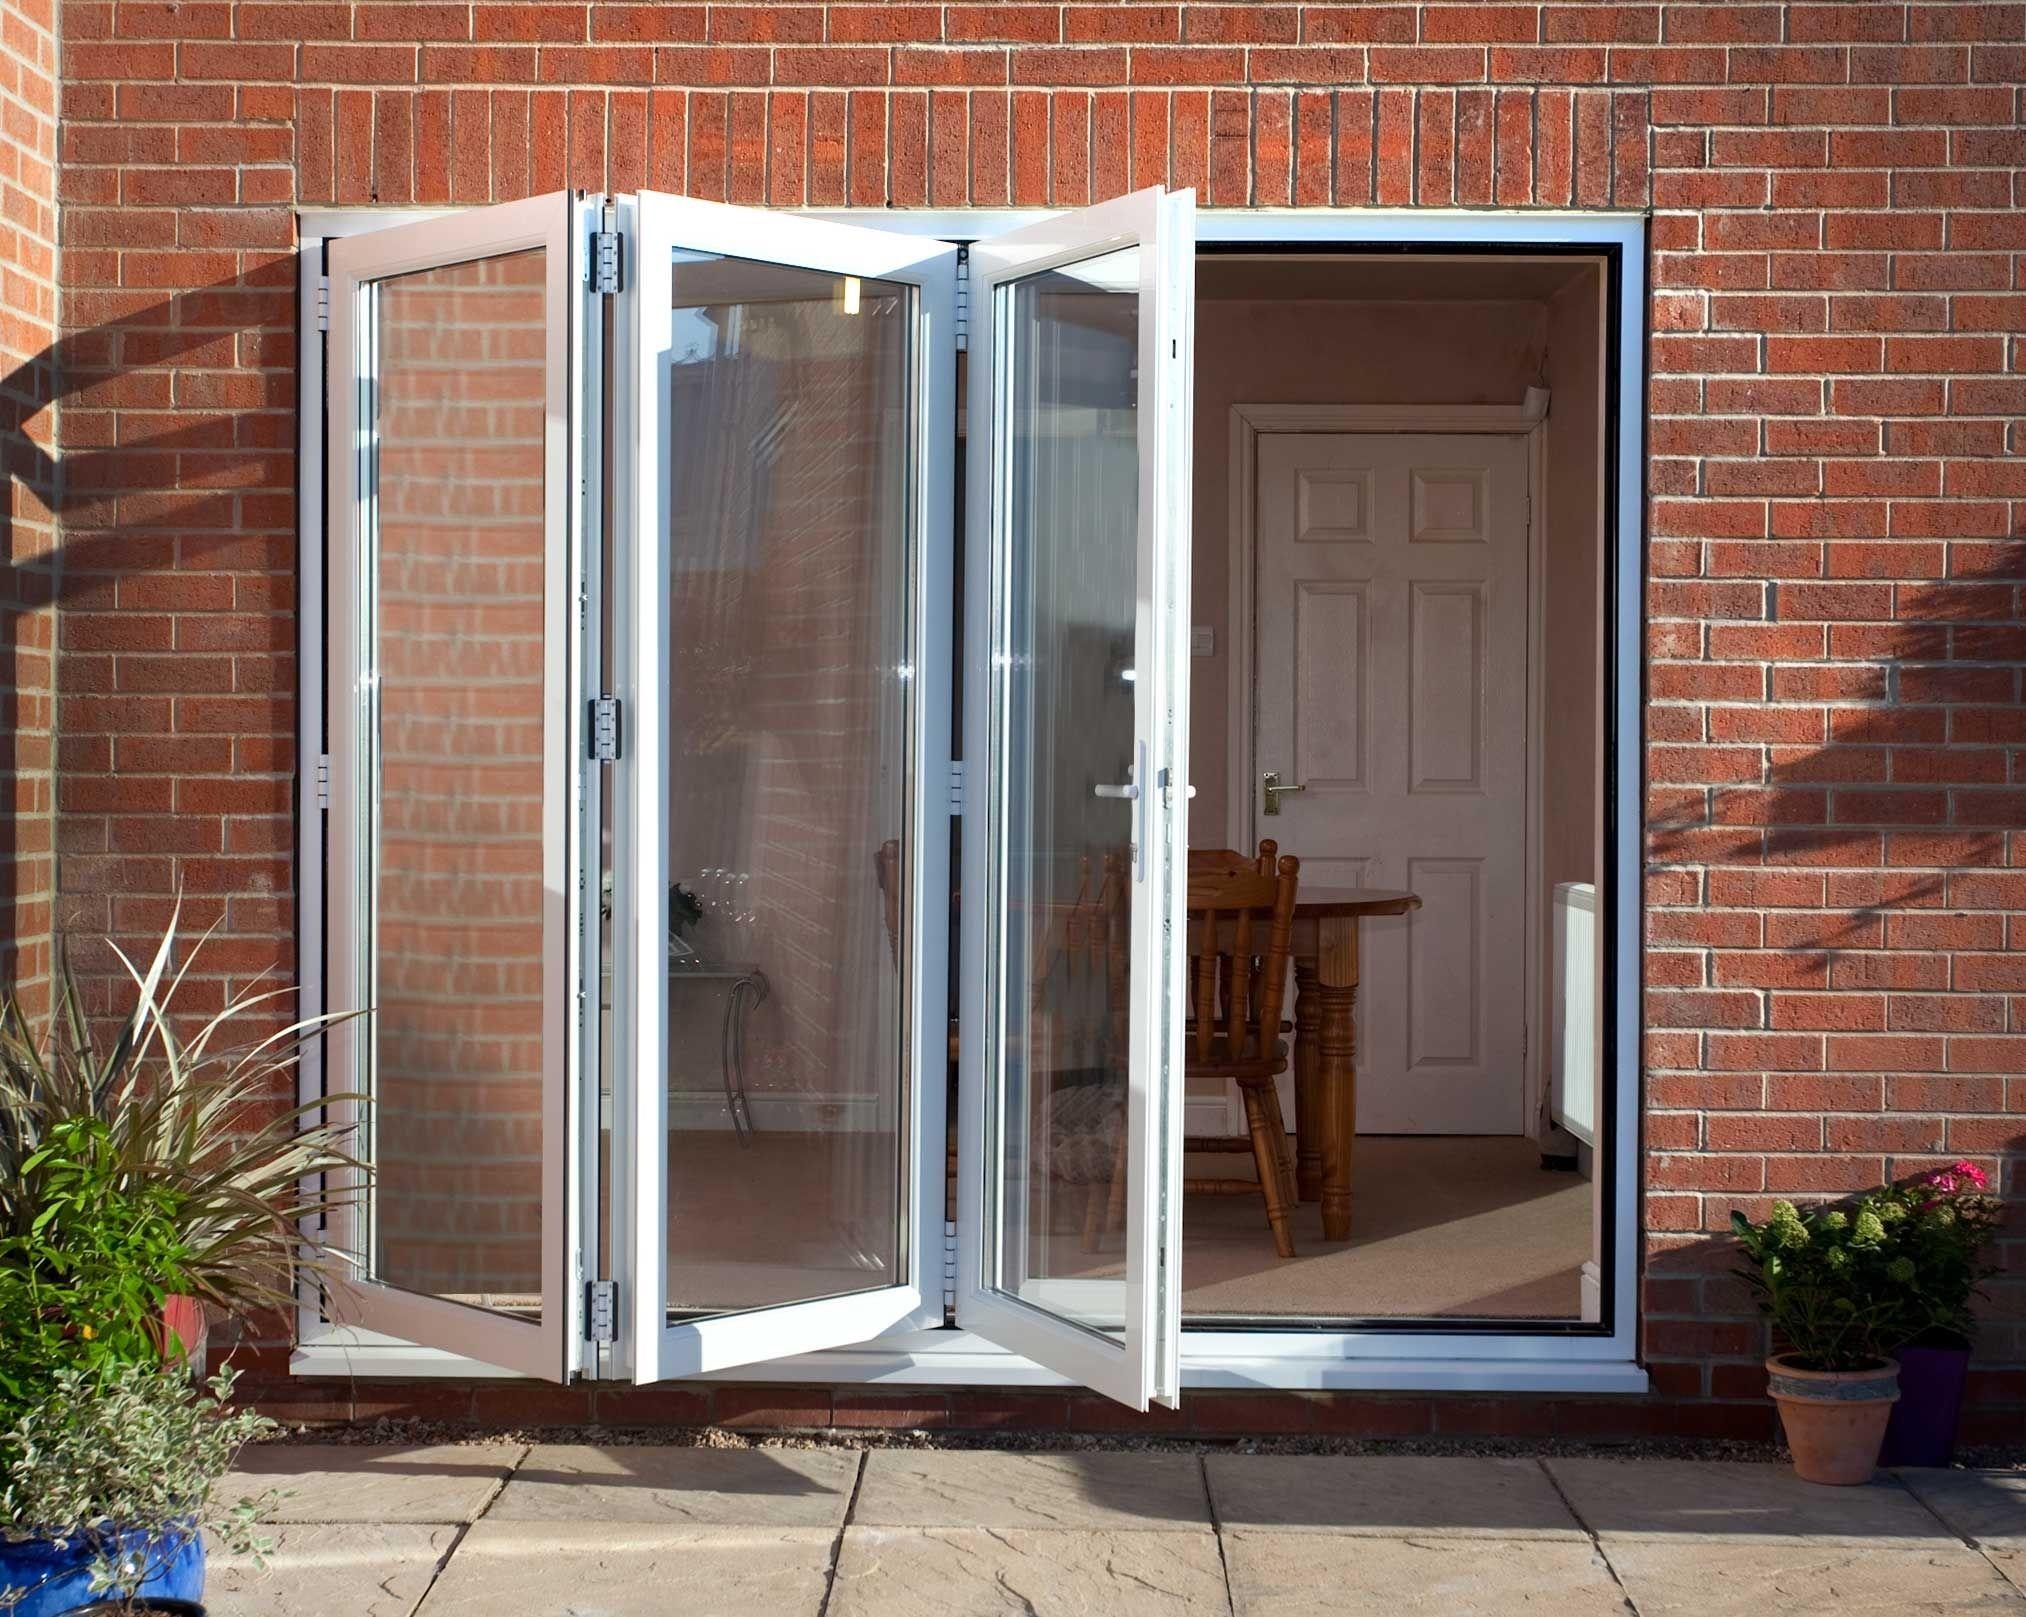 9 Foot Sliding Screen Door Bifold Exterior Doors Folding Doors Exterior Sliding Glass Doors Patio